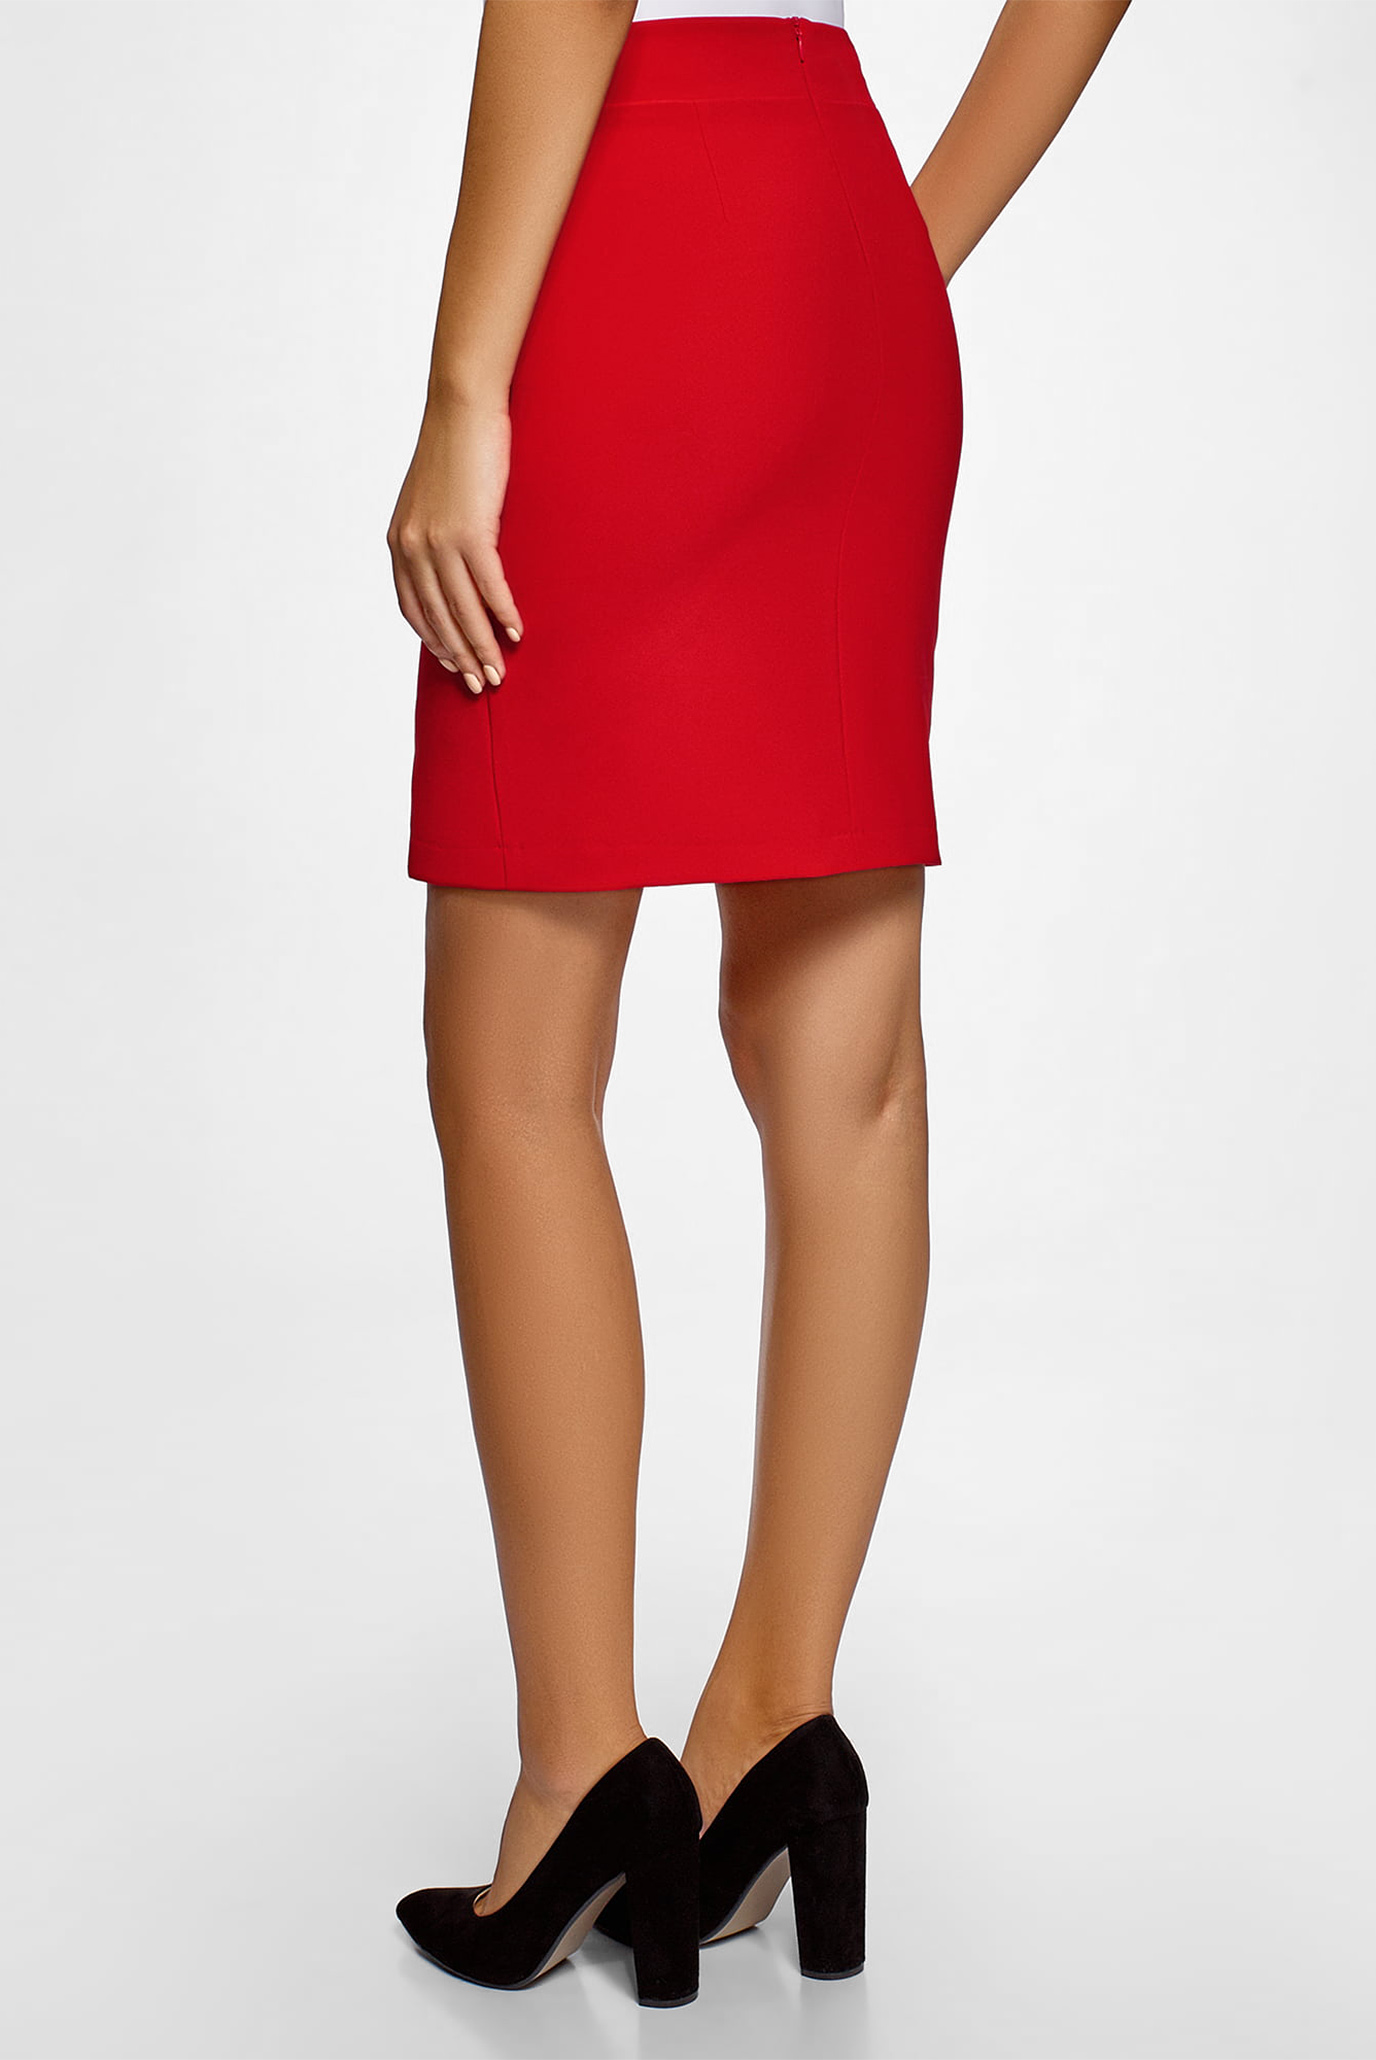 c969712d7ffe Купить Женская красная юбка-карандаш Oodji Oodji 11601207/42314 ...